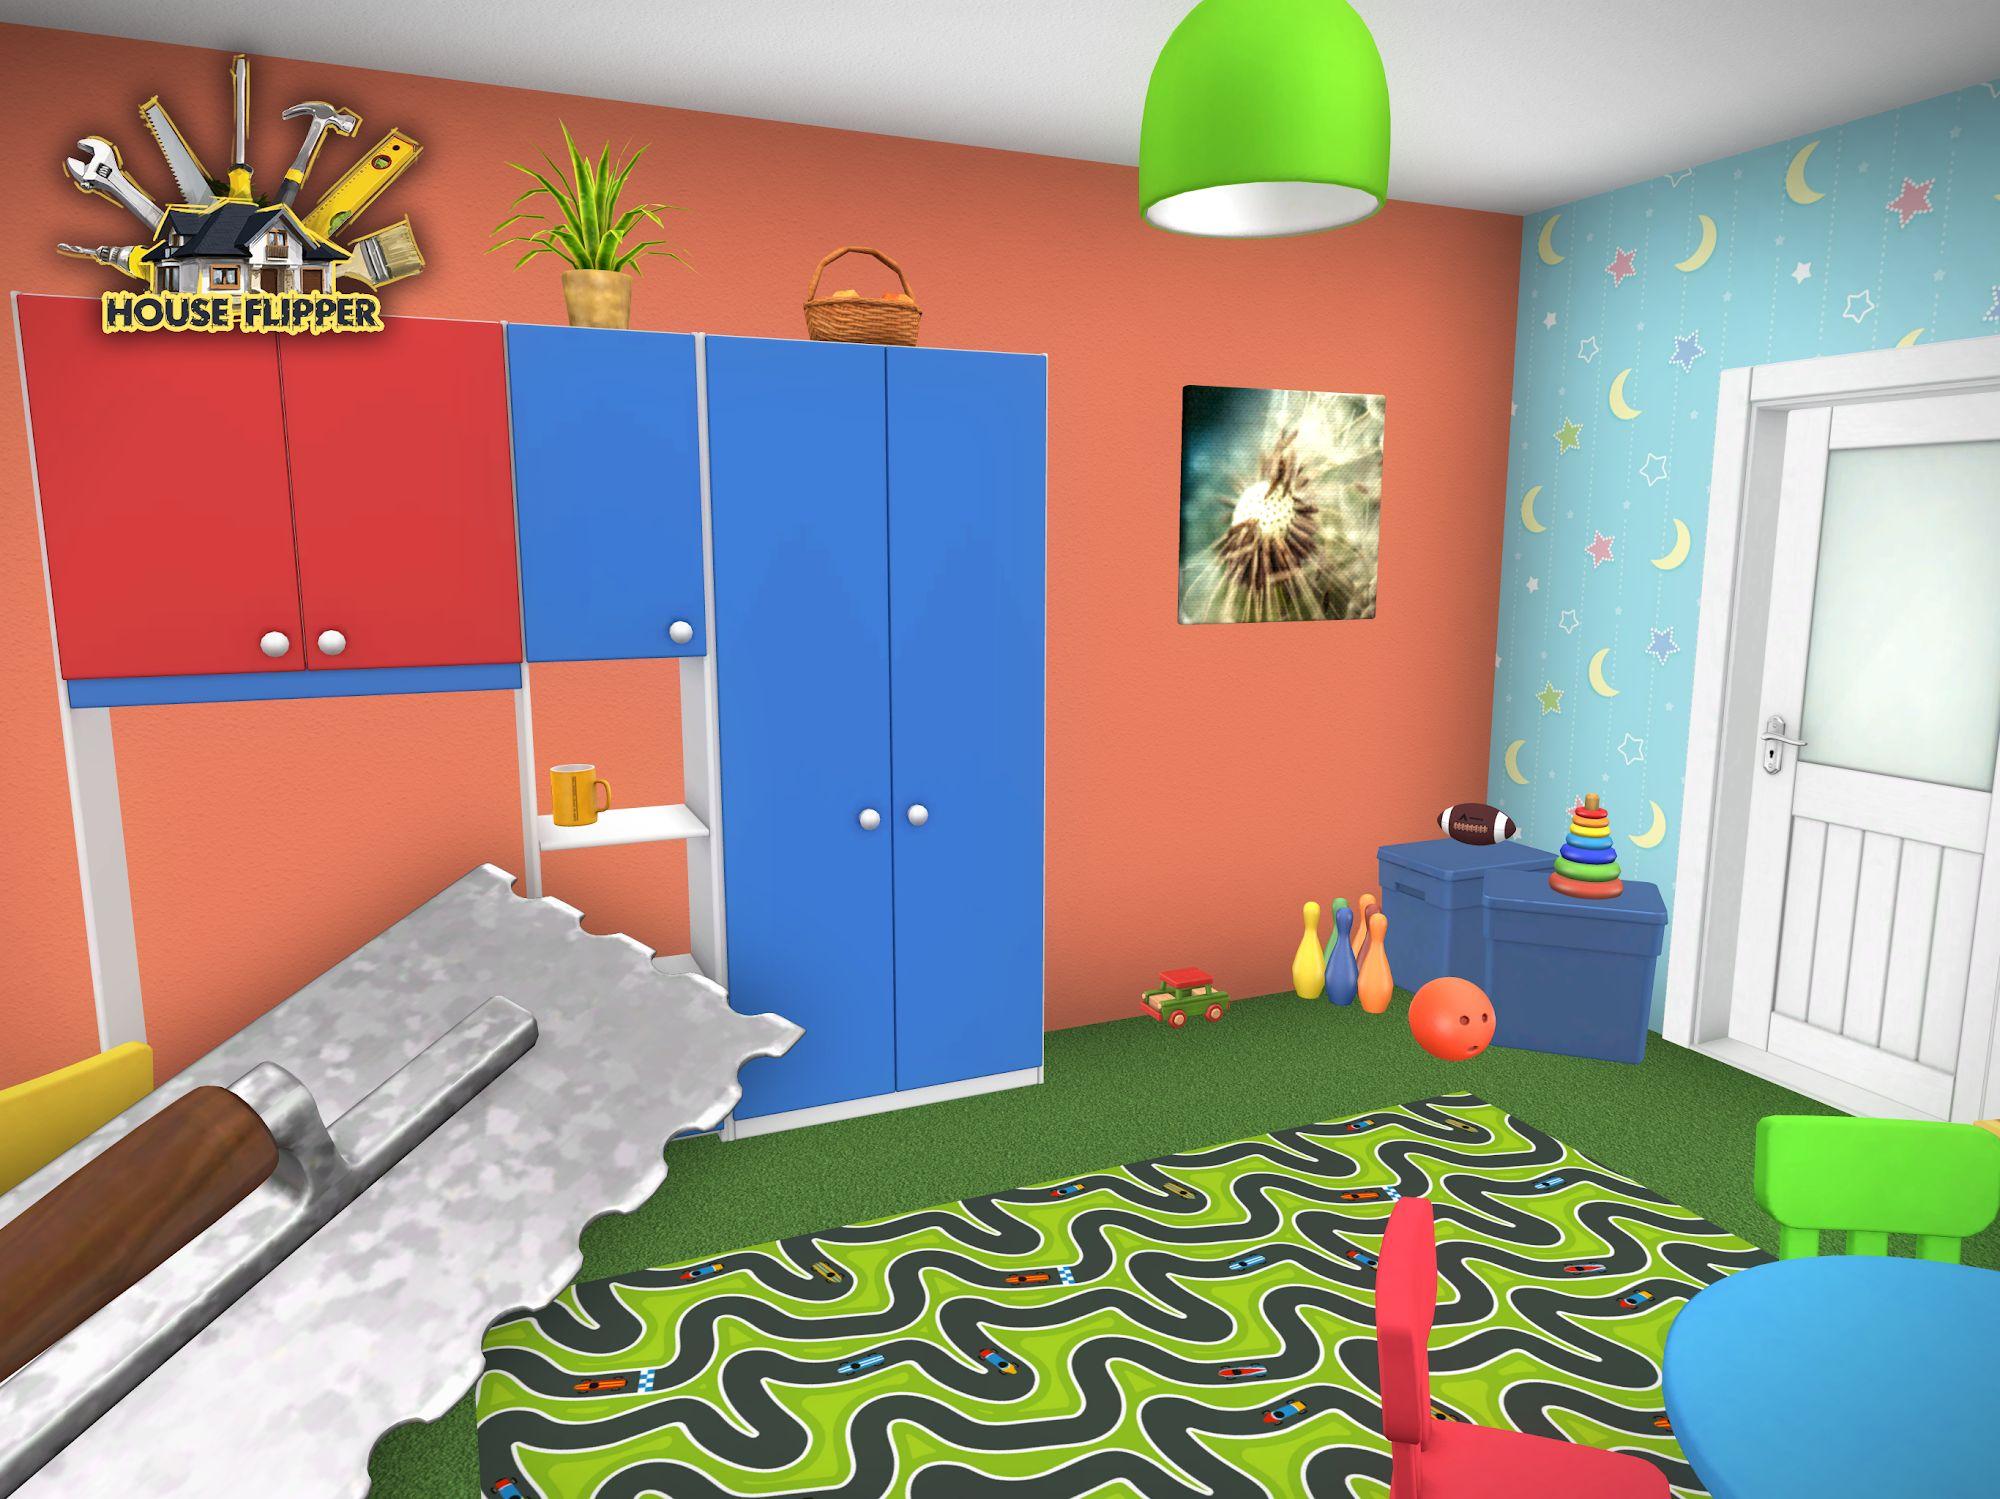 House Flipper: Home Design, Renovation Games captura de pantalla 1